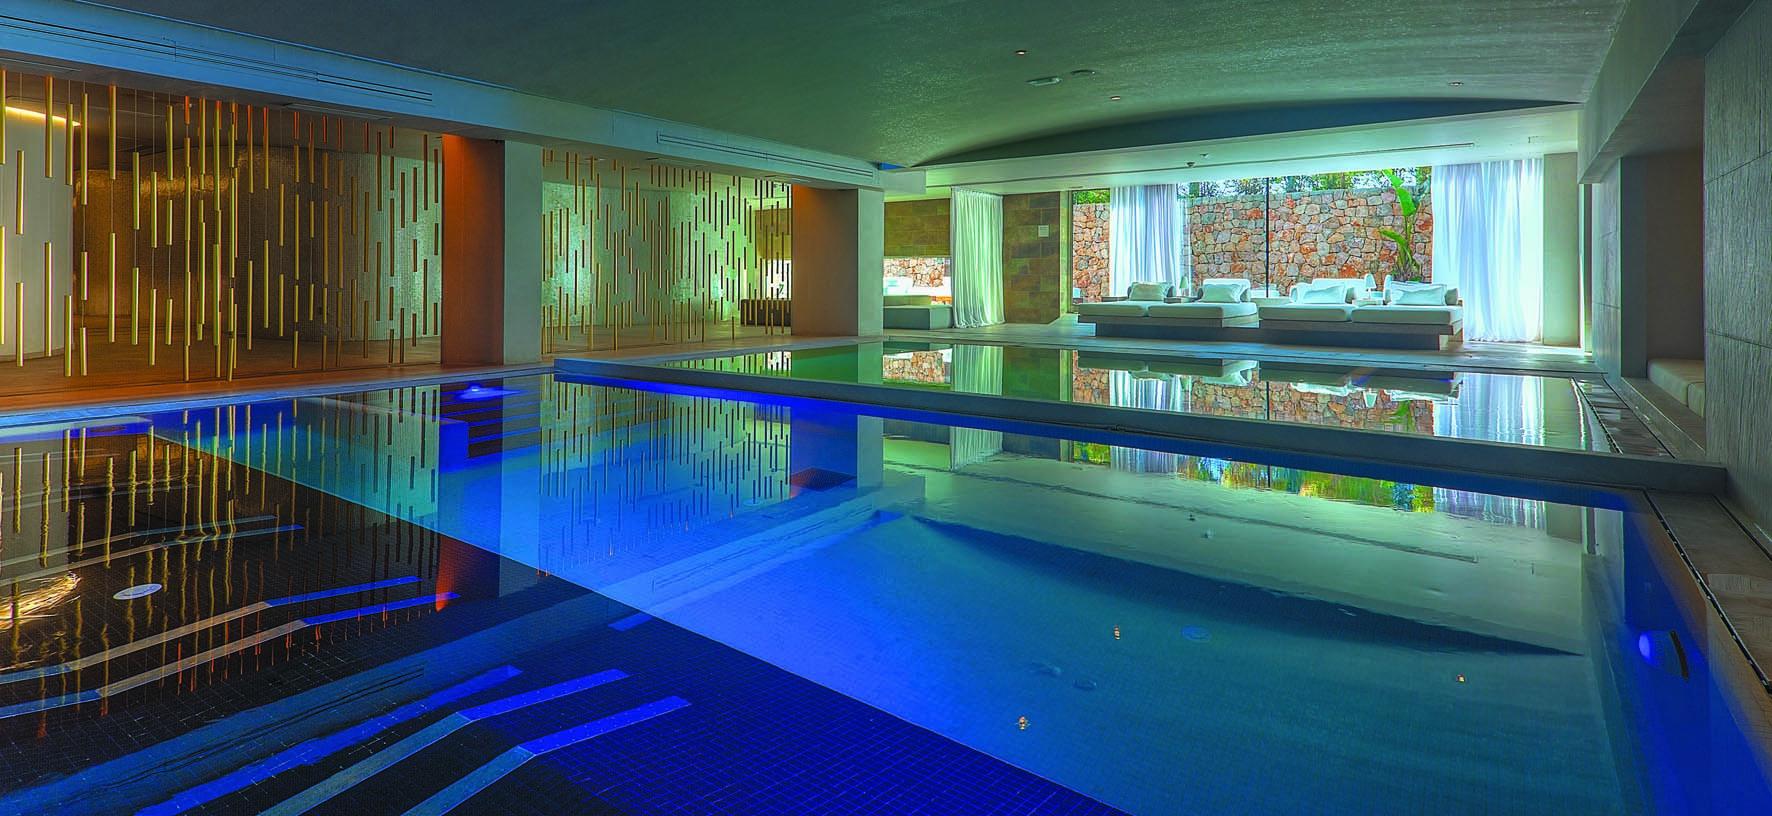 Aguas De Ibiza Lifestyle & Spa, pool